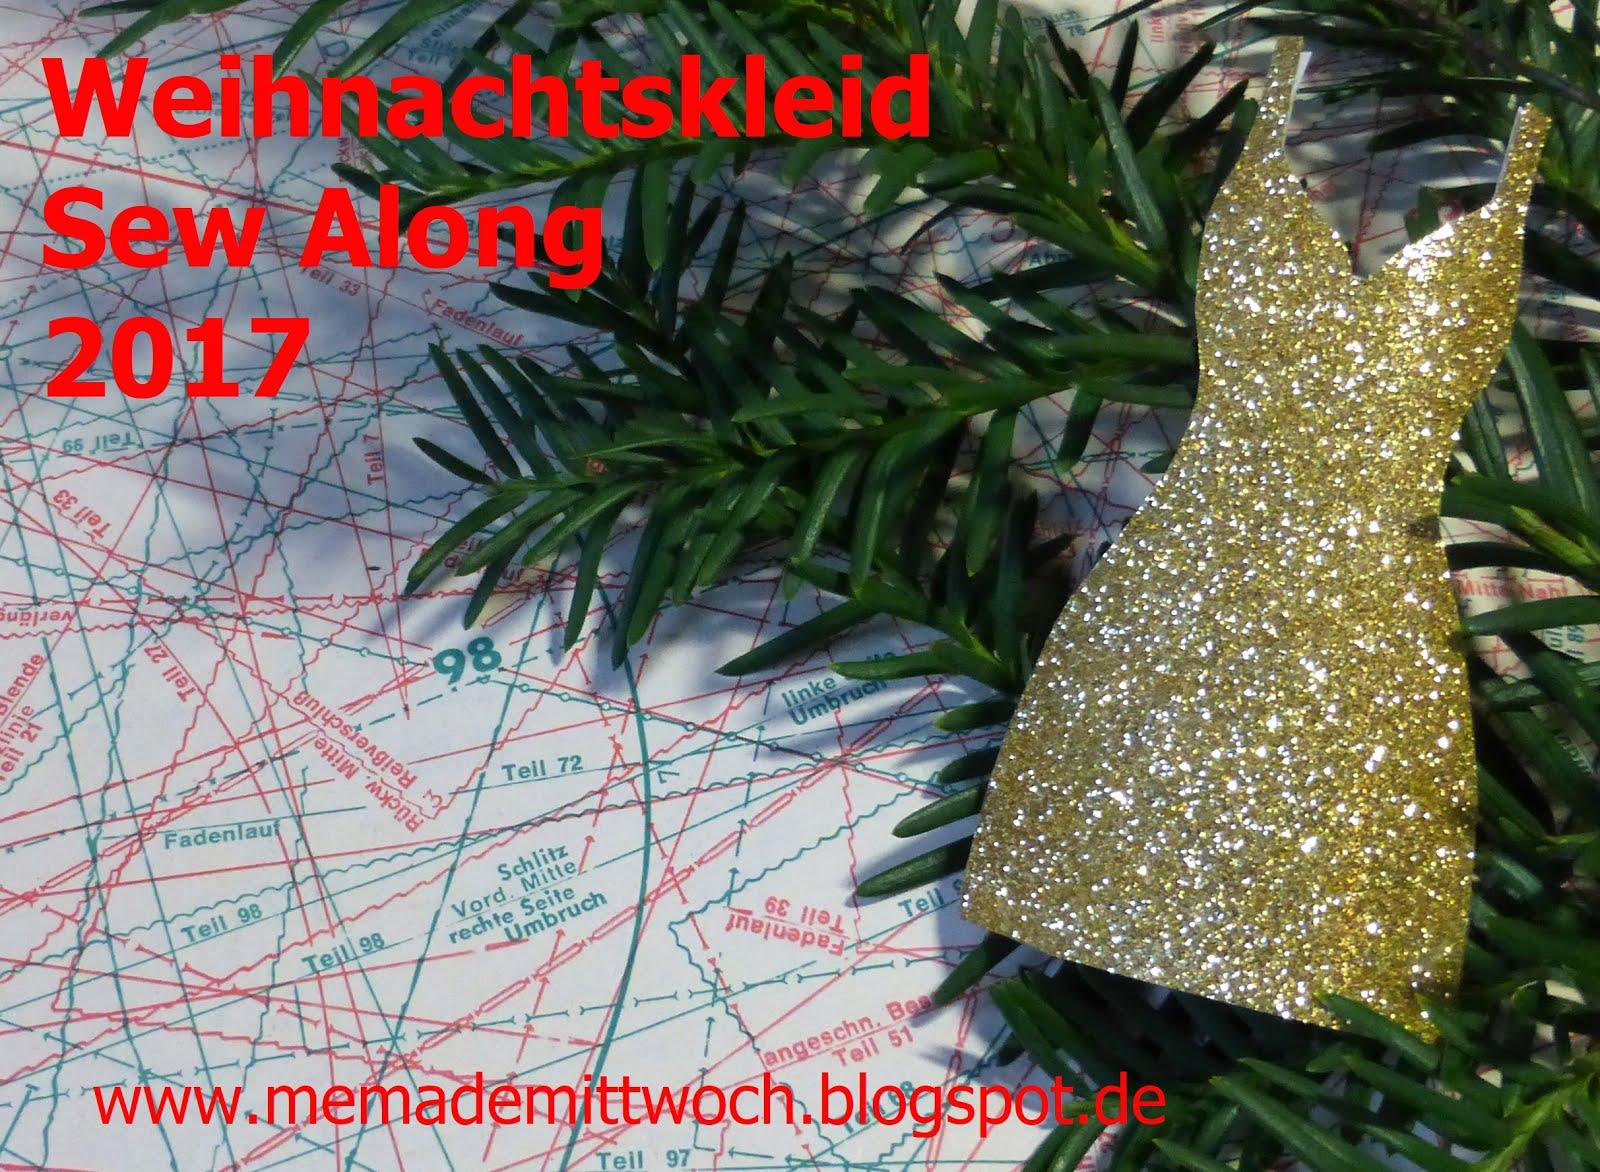 Weihnachtskleid Sew Along 2017 Quelle: www.memademittwoch.blogspot.de